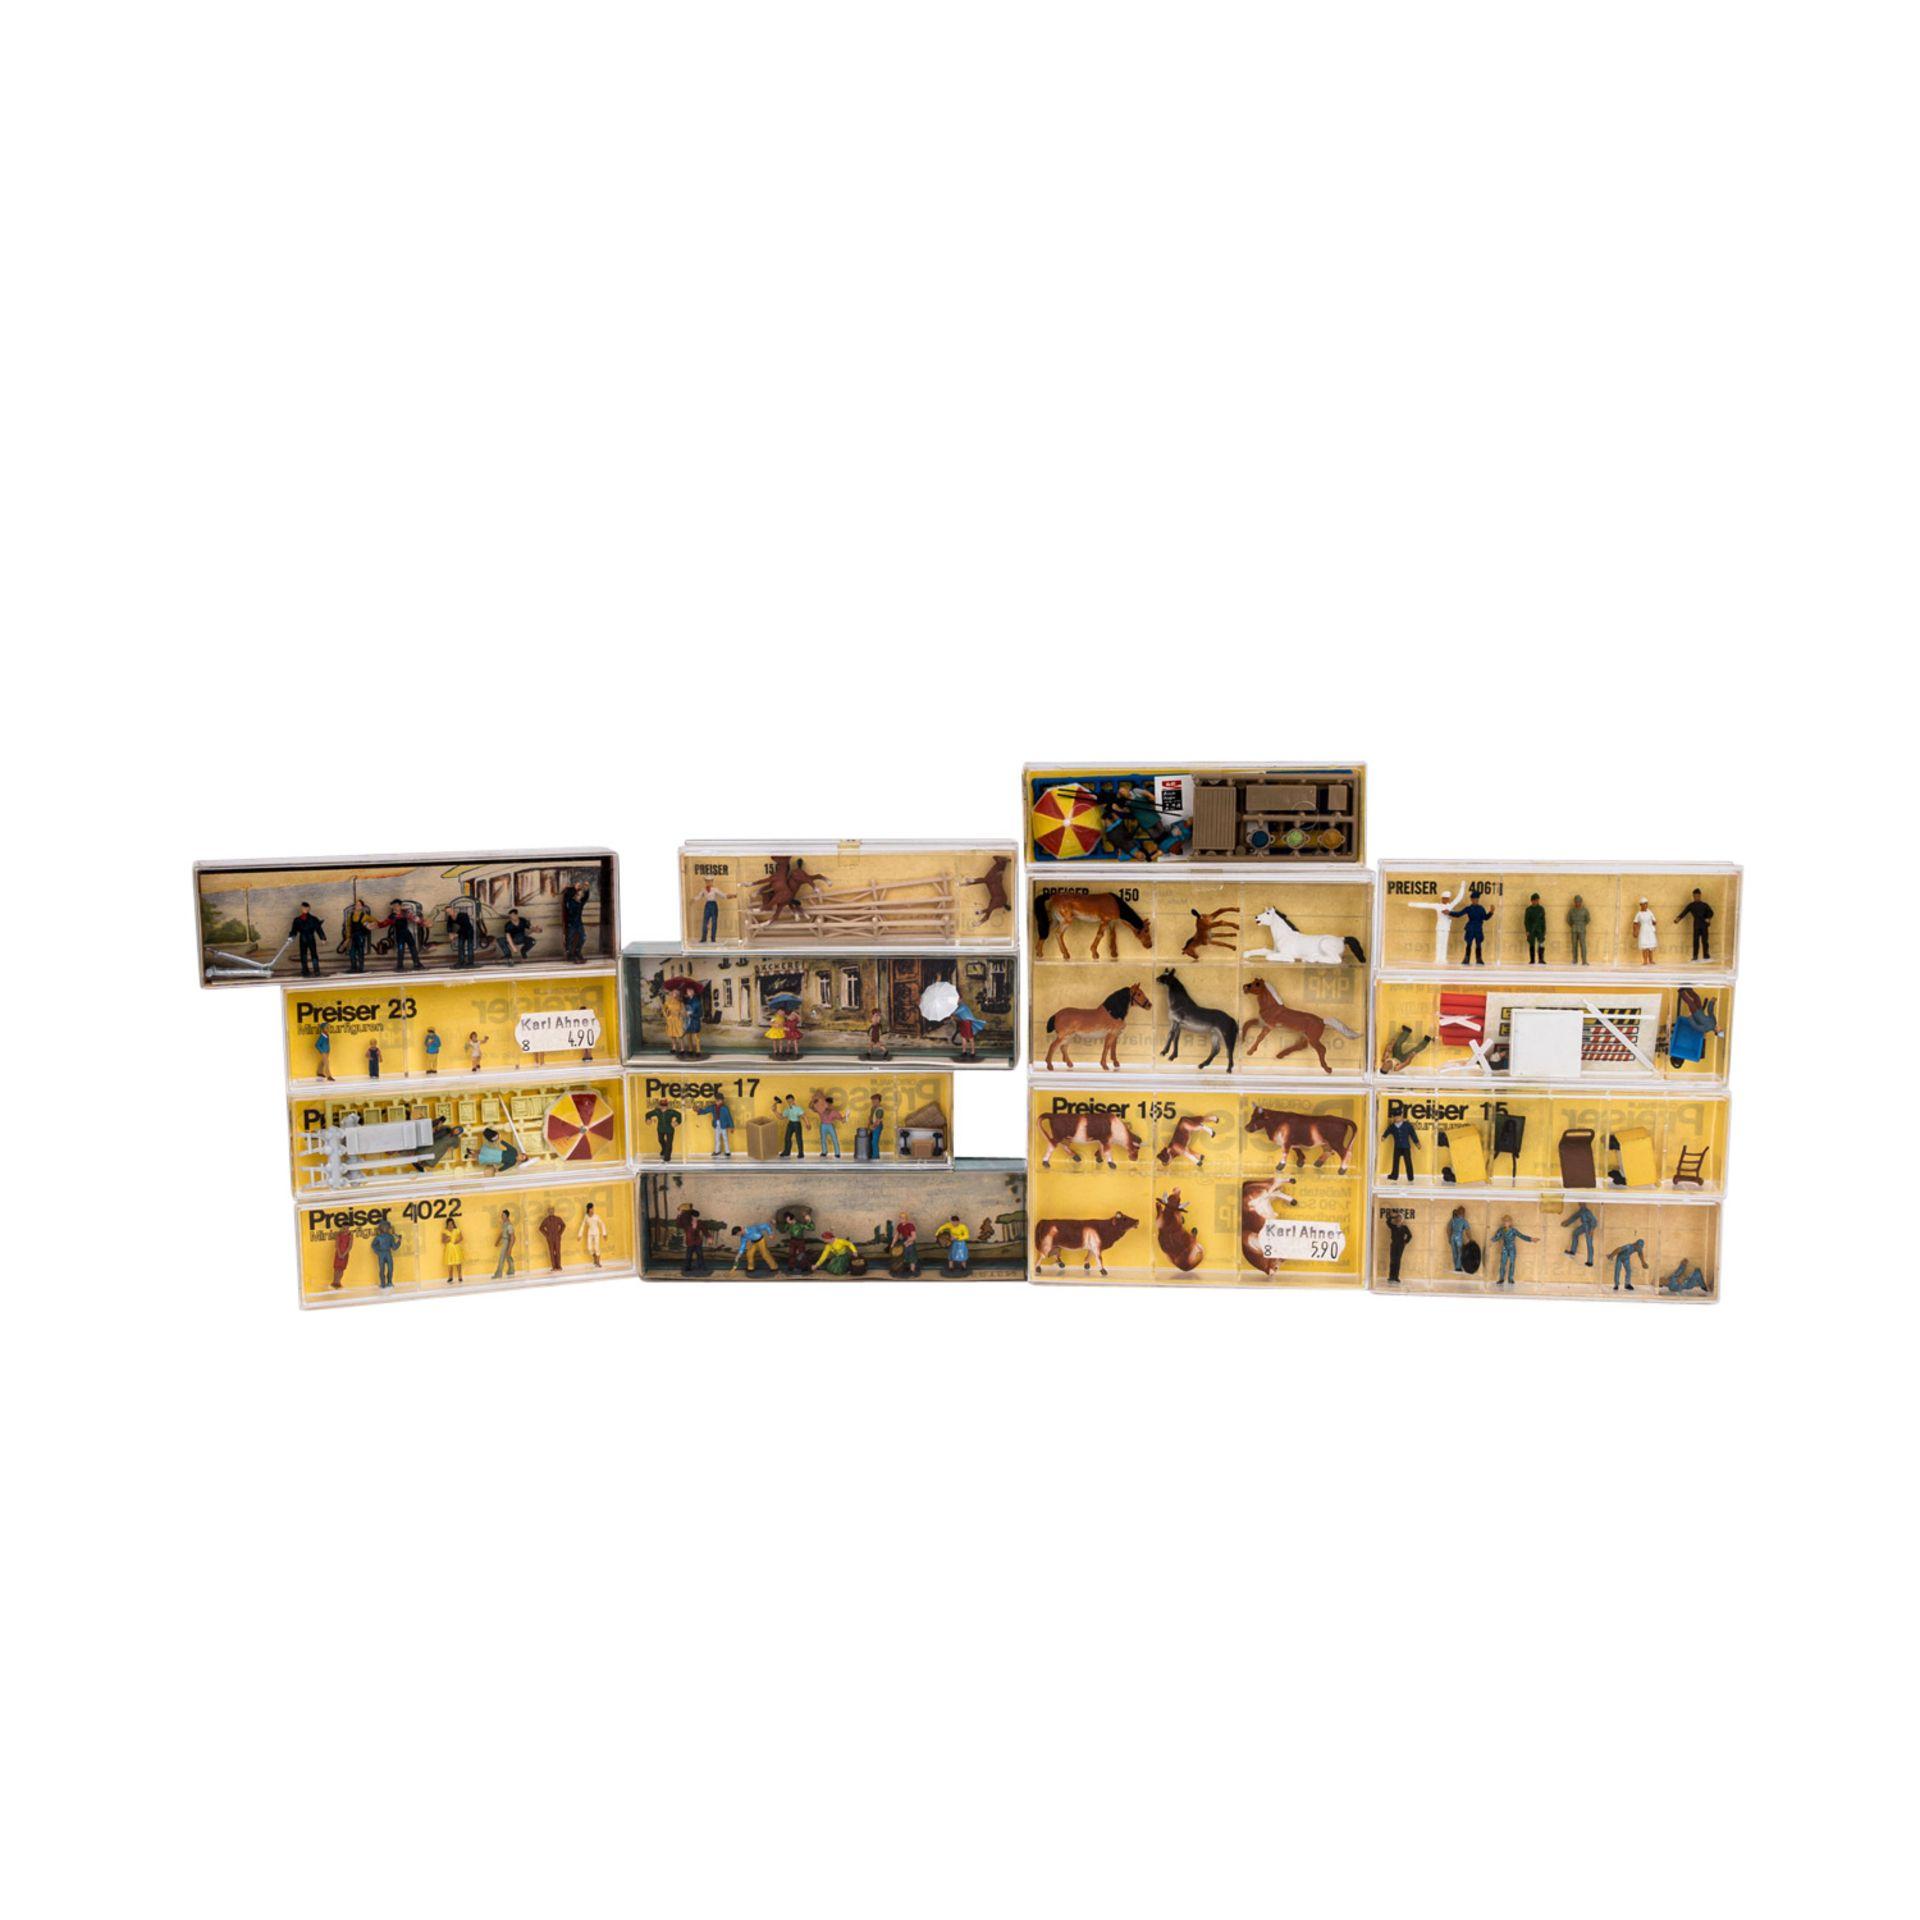 PREISER/MERTEN Miniatur-Dioramen und Figuren für die H0-Anlage,16 verschiedene Figure - Image 2 of 5